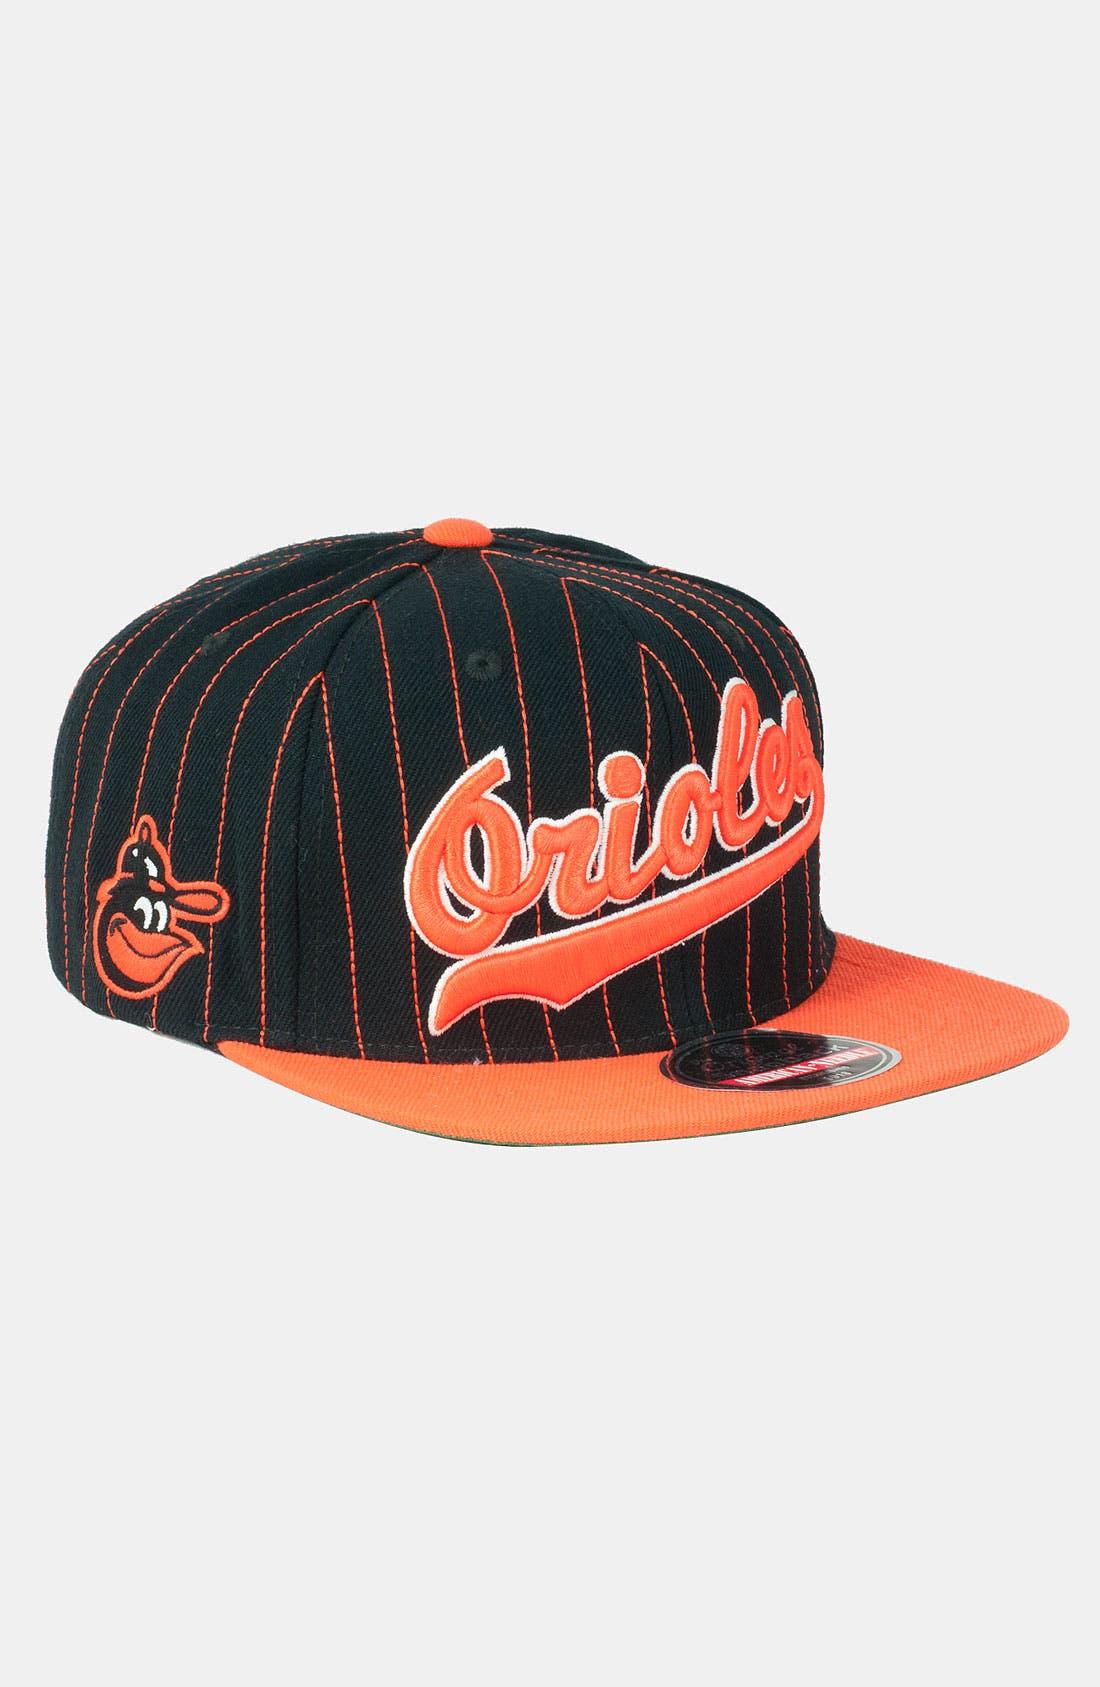 Main Image - American Needle 'Orioles' Snapback Baseball Cap